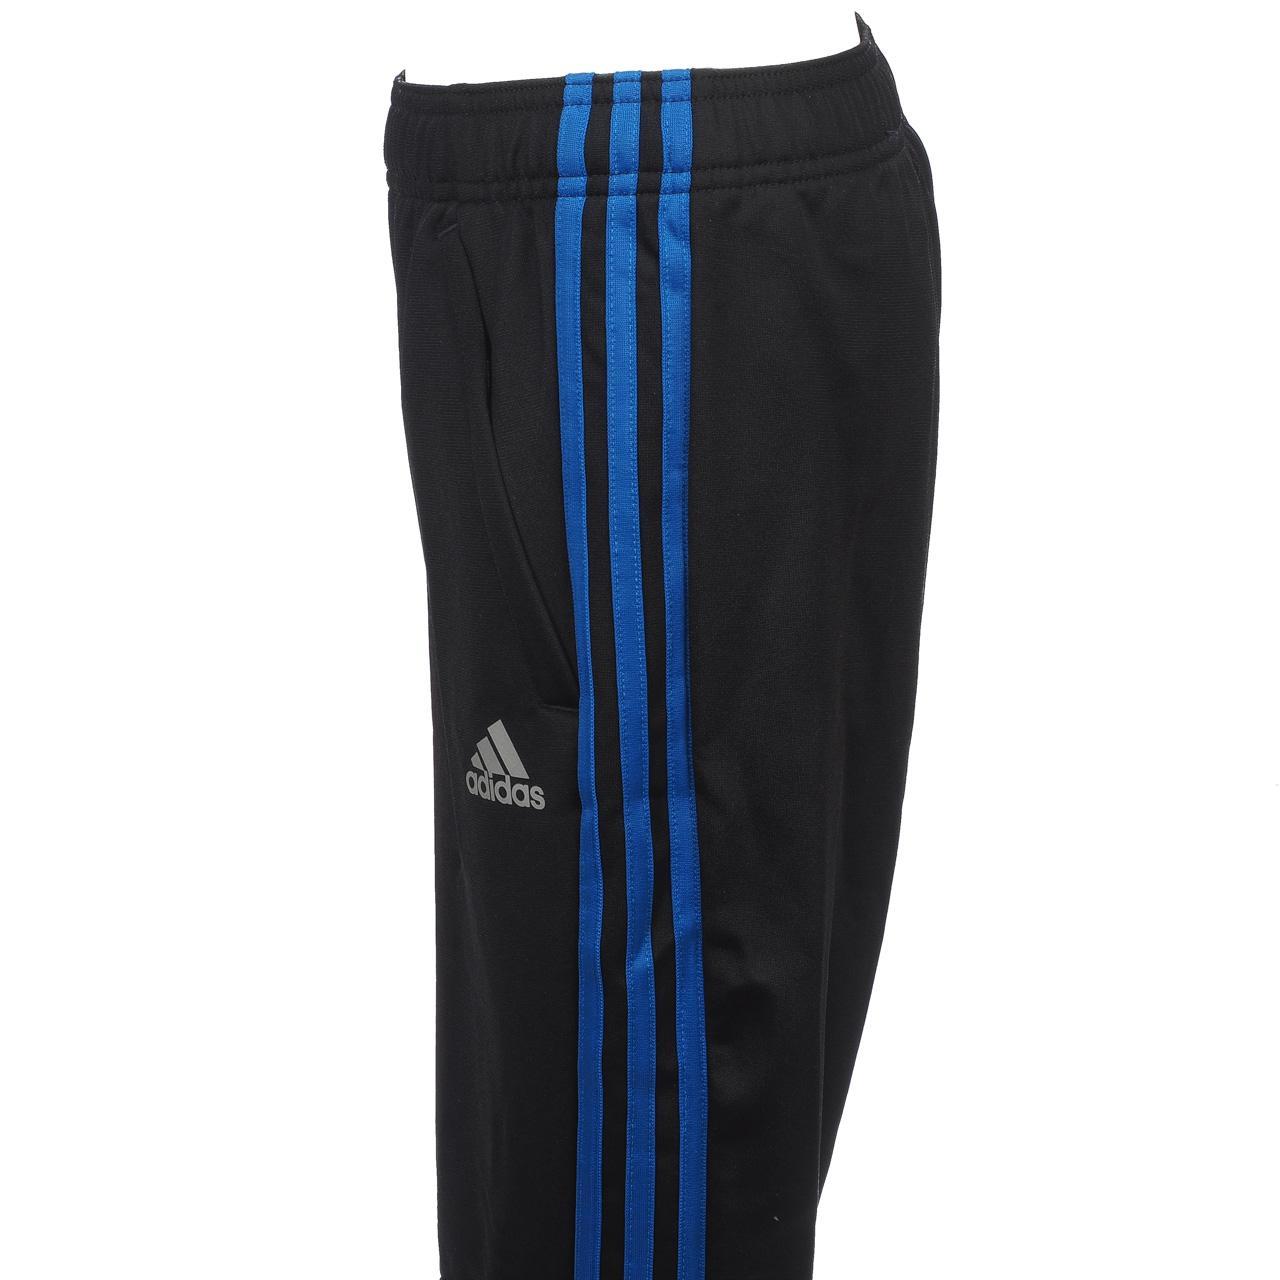 Trousers-Player-Adidas-Yb-Ftb-Str-3s-nr-Roy-Jr-Black-46615-New thumbnail 4